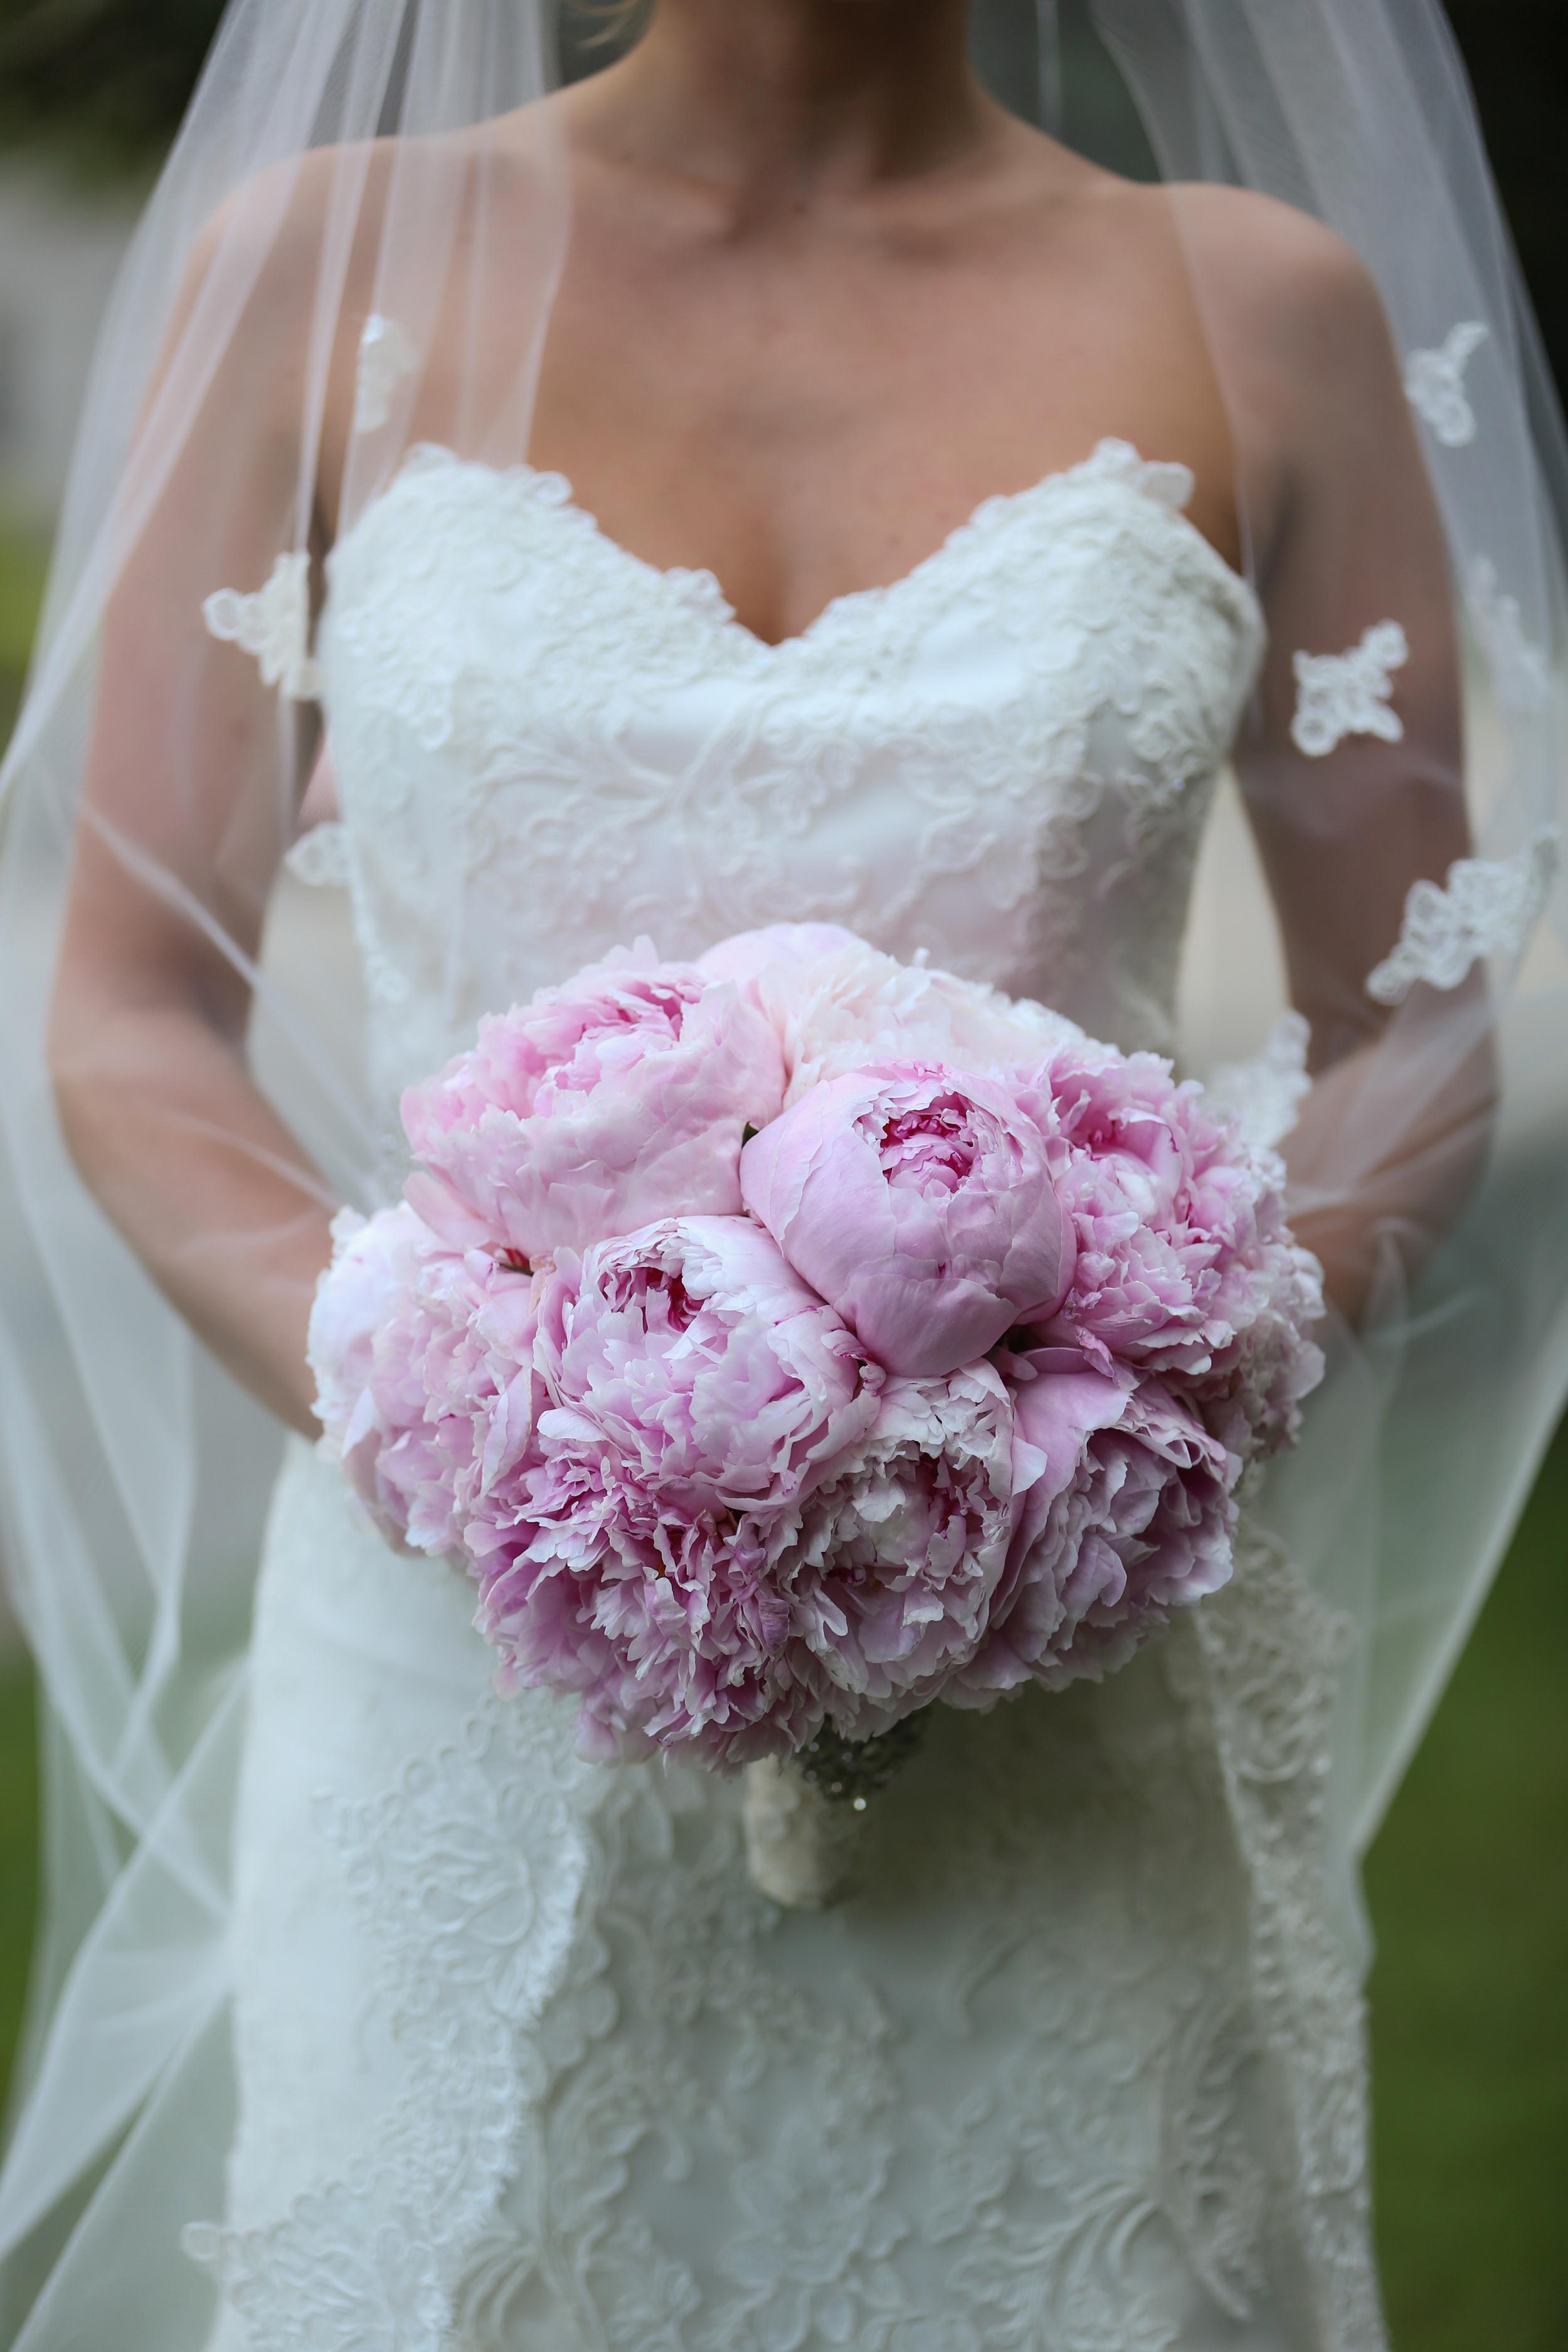 Full bridal bouquet pink peonies by Courtenay Lambert Florals (http://courtenaylambert.com).  Cincinnati Wedding flowers, destination wedding, florist, best florist, best flowers, pink peonies, Kenwood Country Club, Cincinnati weddings, Ohio weddings